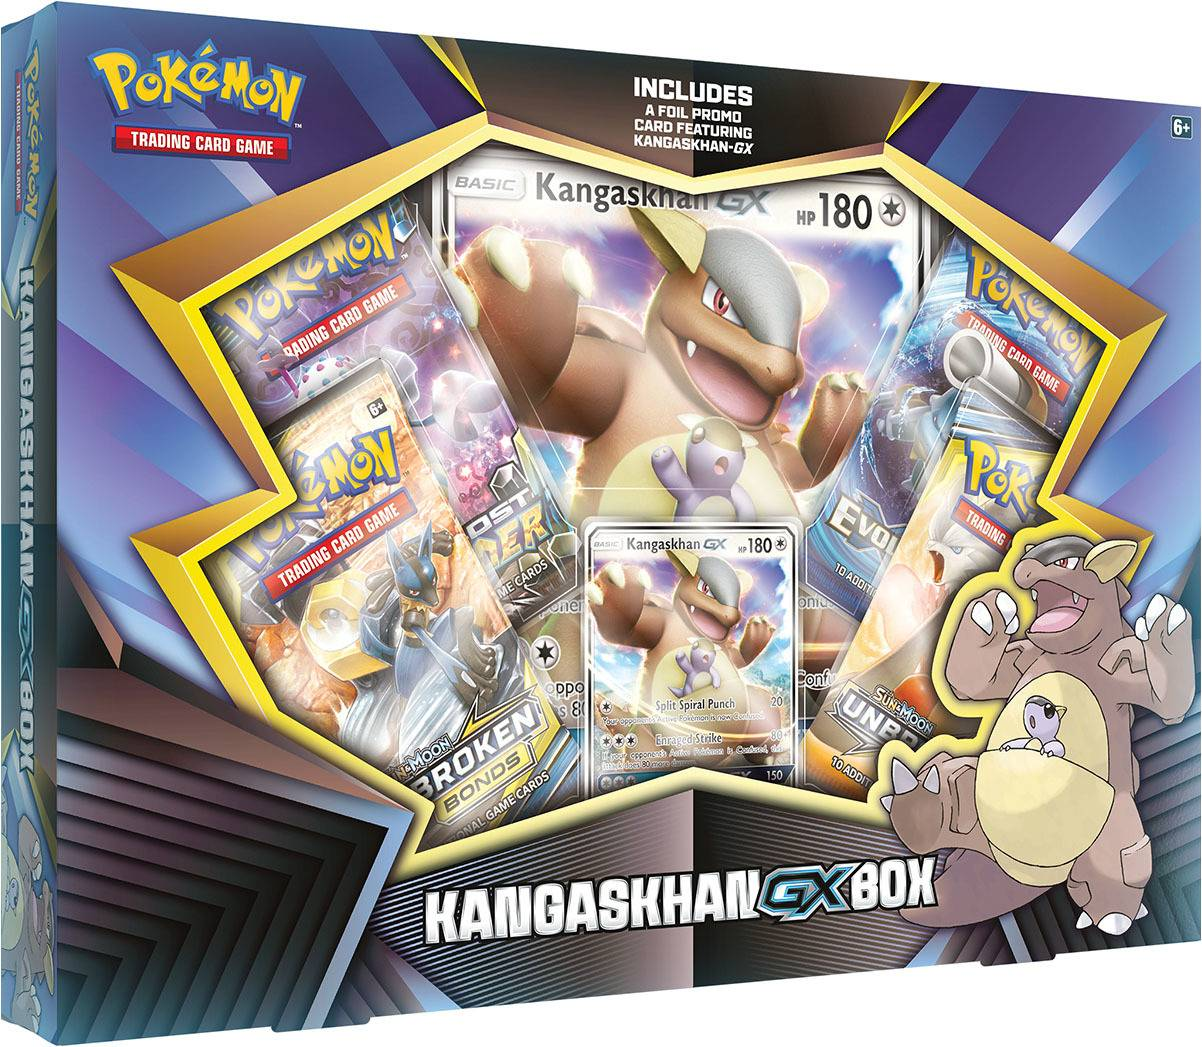 Pokemon Kangaskhan GX Box